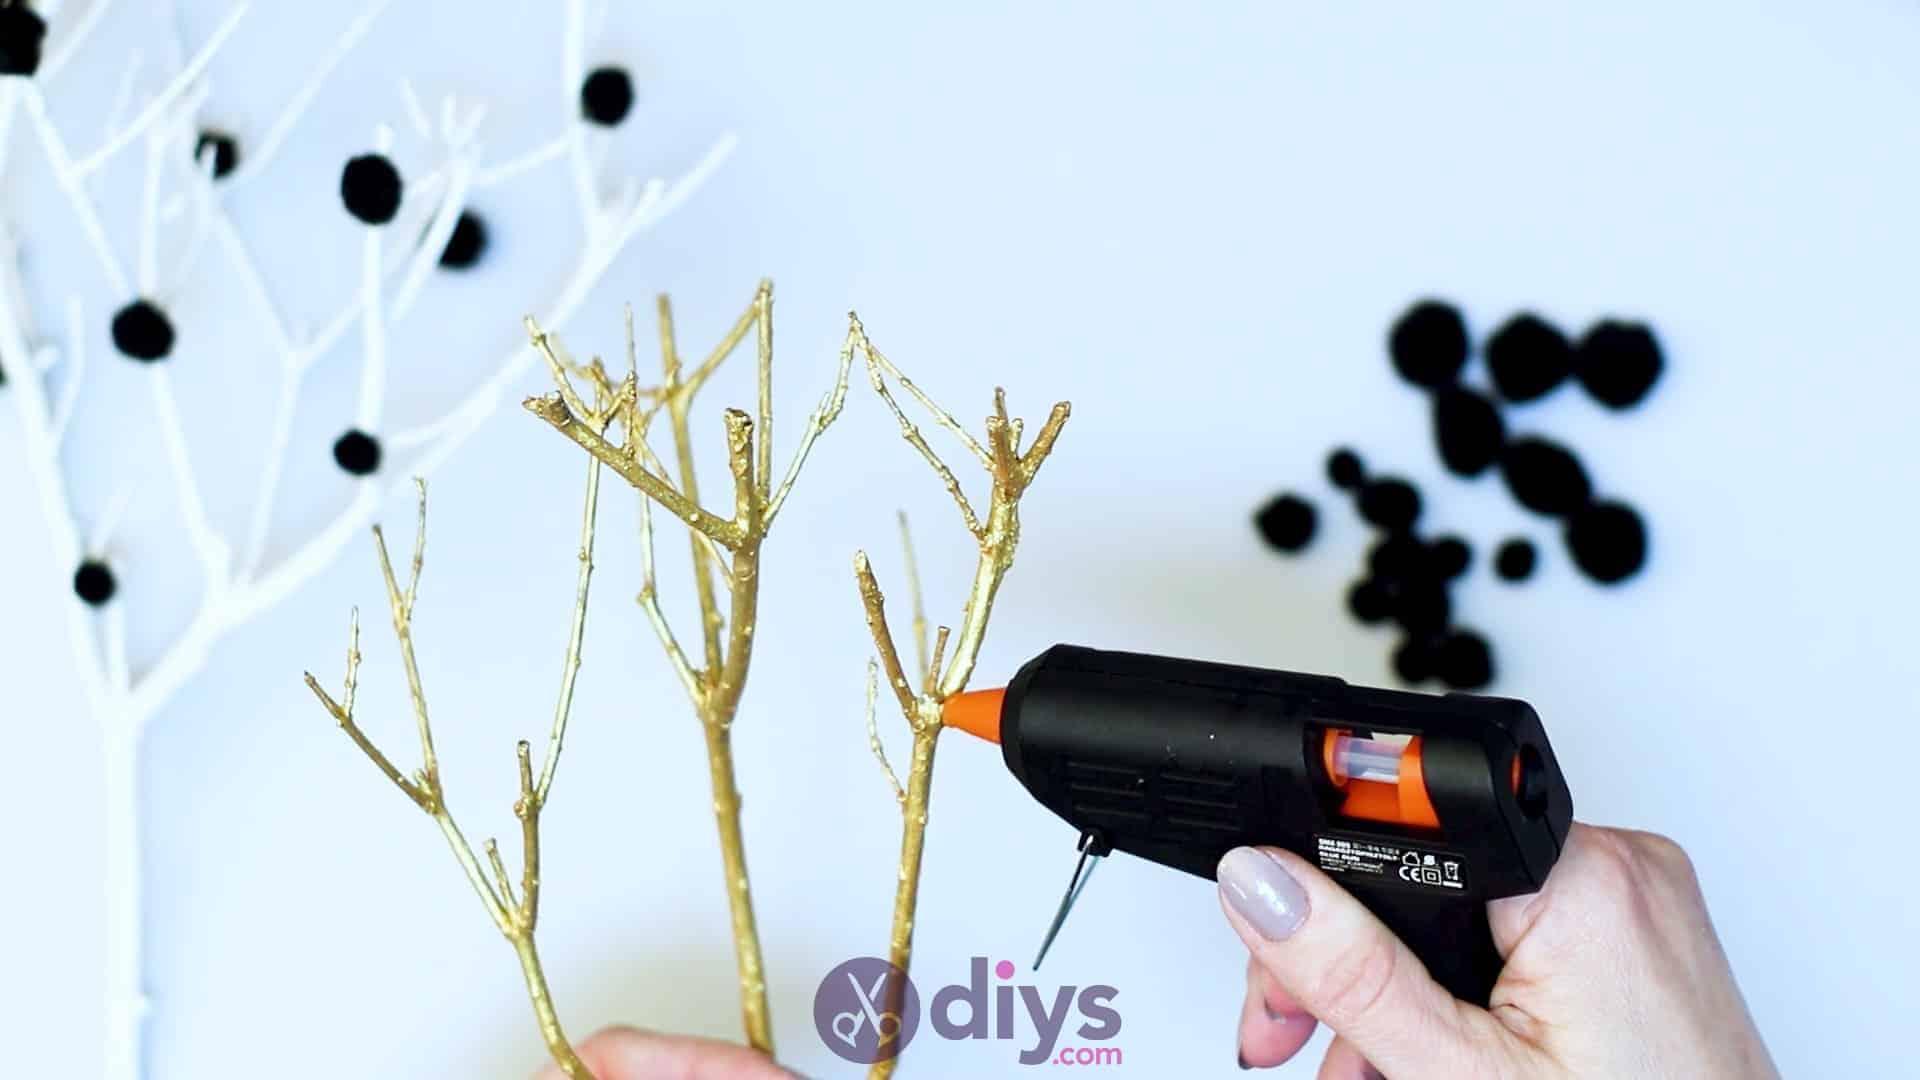 Diy pom pom tree art step 5